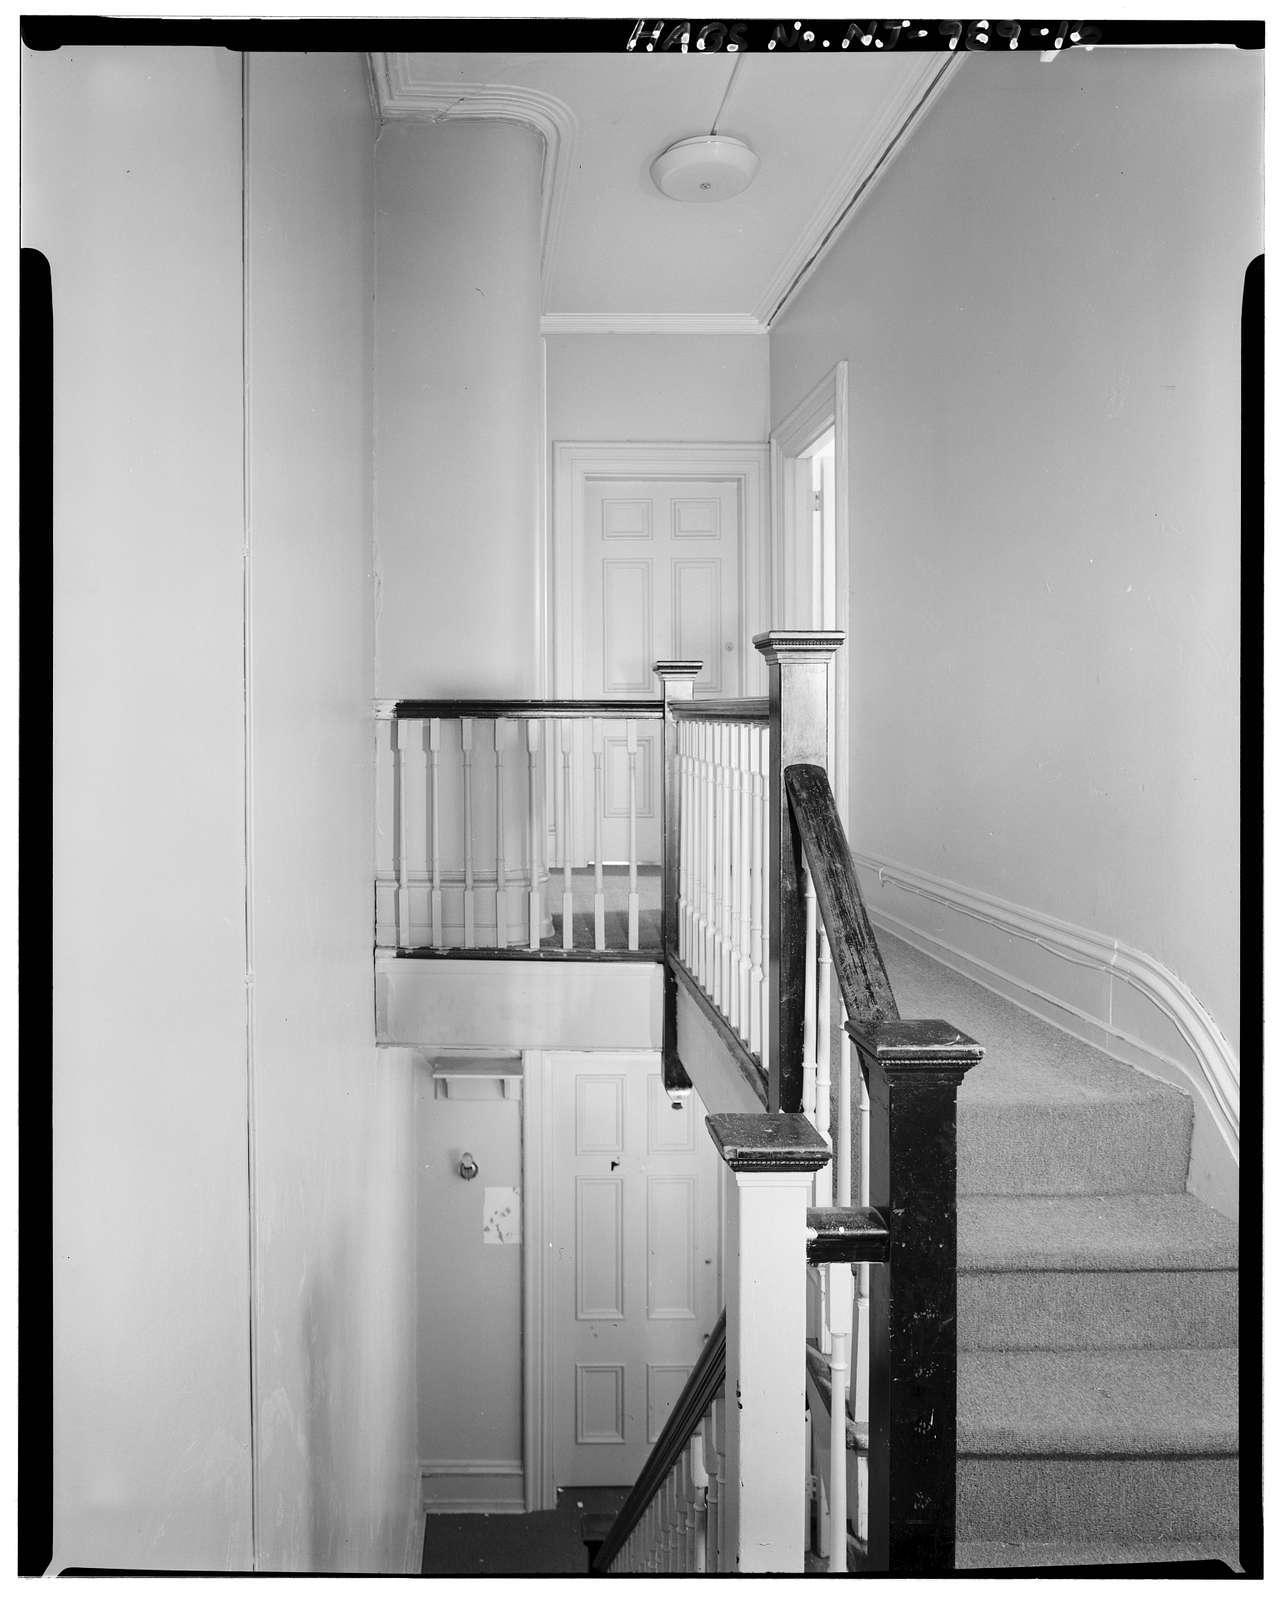 Charles G. Carpenter House, 408-410 Cooper Street, Camden, Camden County, NJ